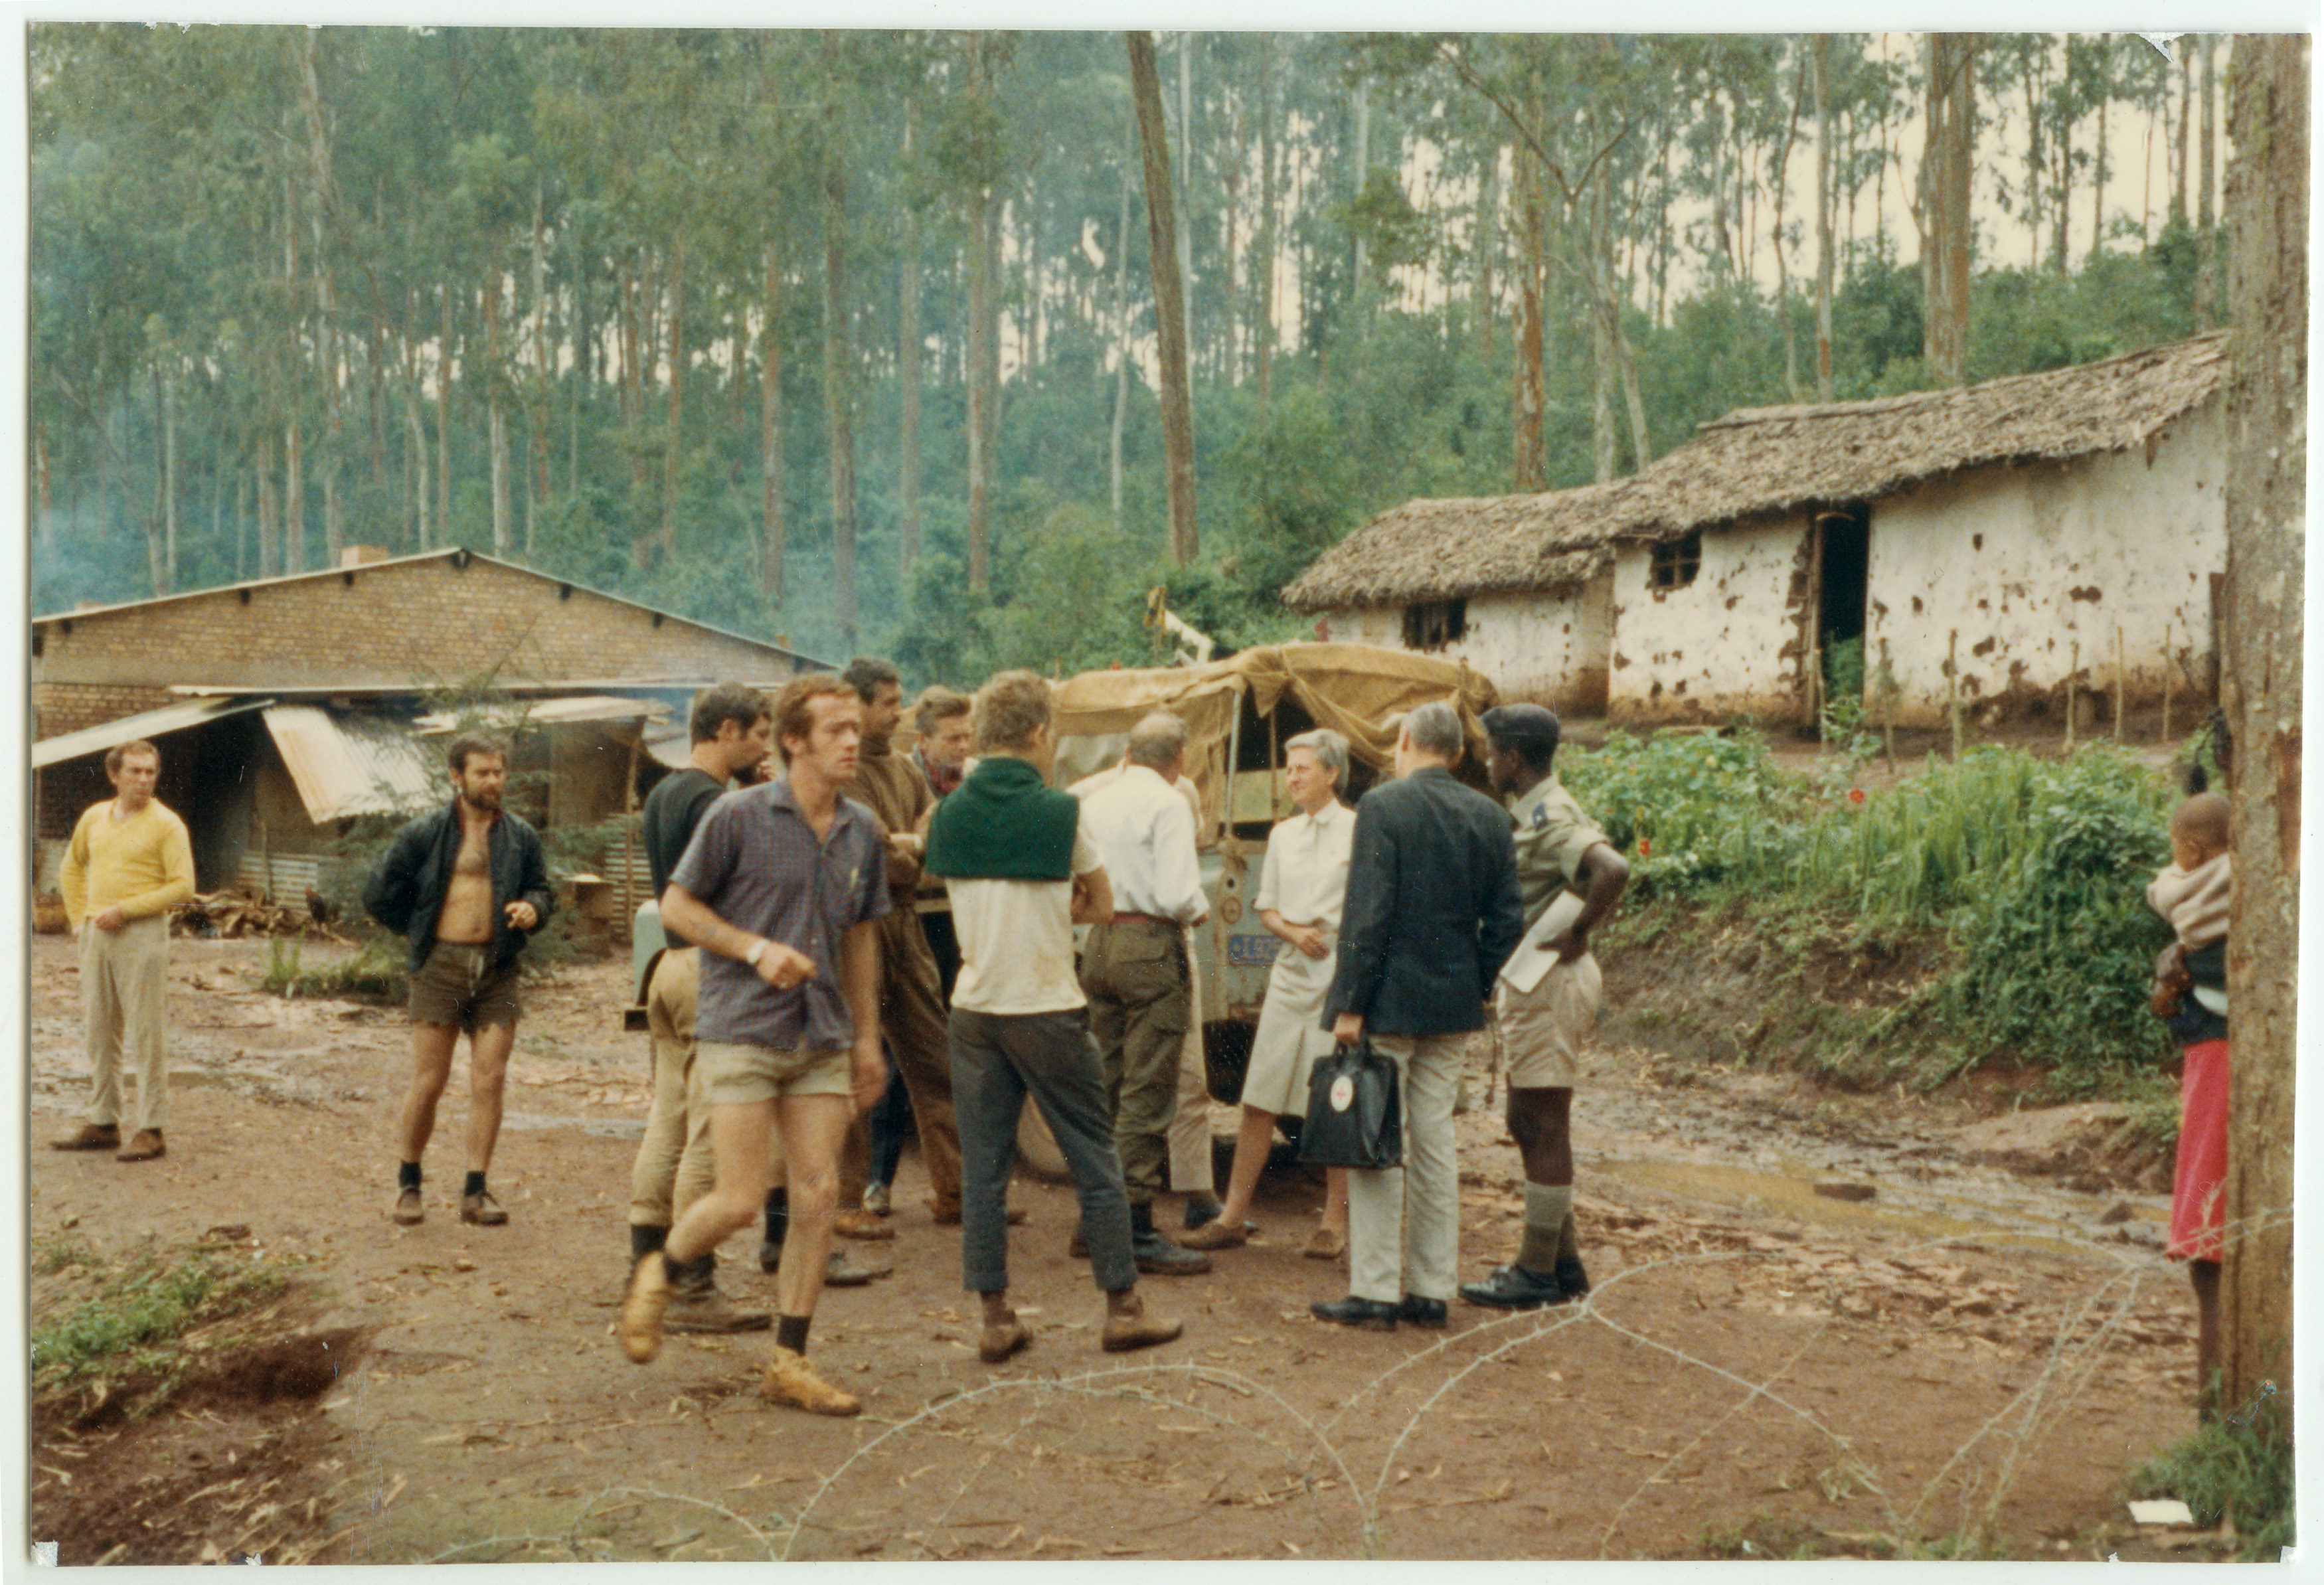 Shagasha. Des délégués du CICR en visite au camp des ex-mercenaires. Shagasha. ICRC delegates are visiting ex-mercenaries camp. Voir la Revue Internationale de la Croix-Rouge, 49ème année, décembre 1967, pp.554-561.